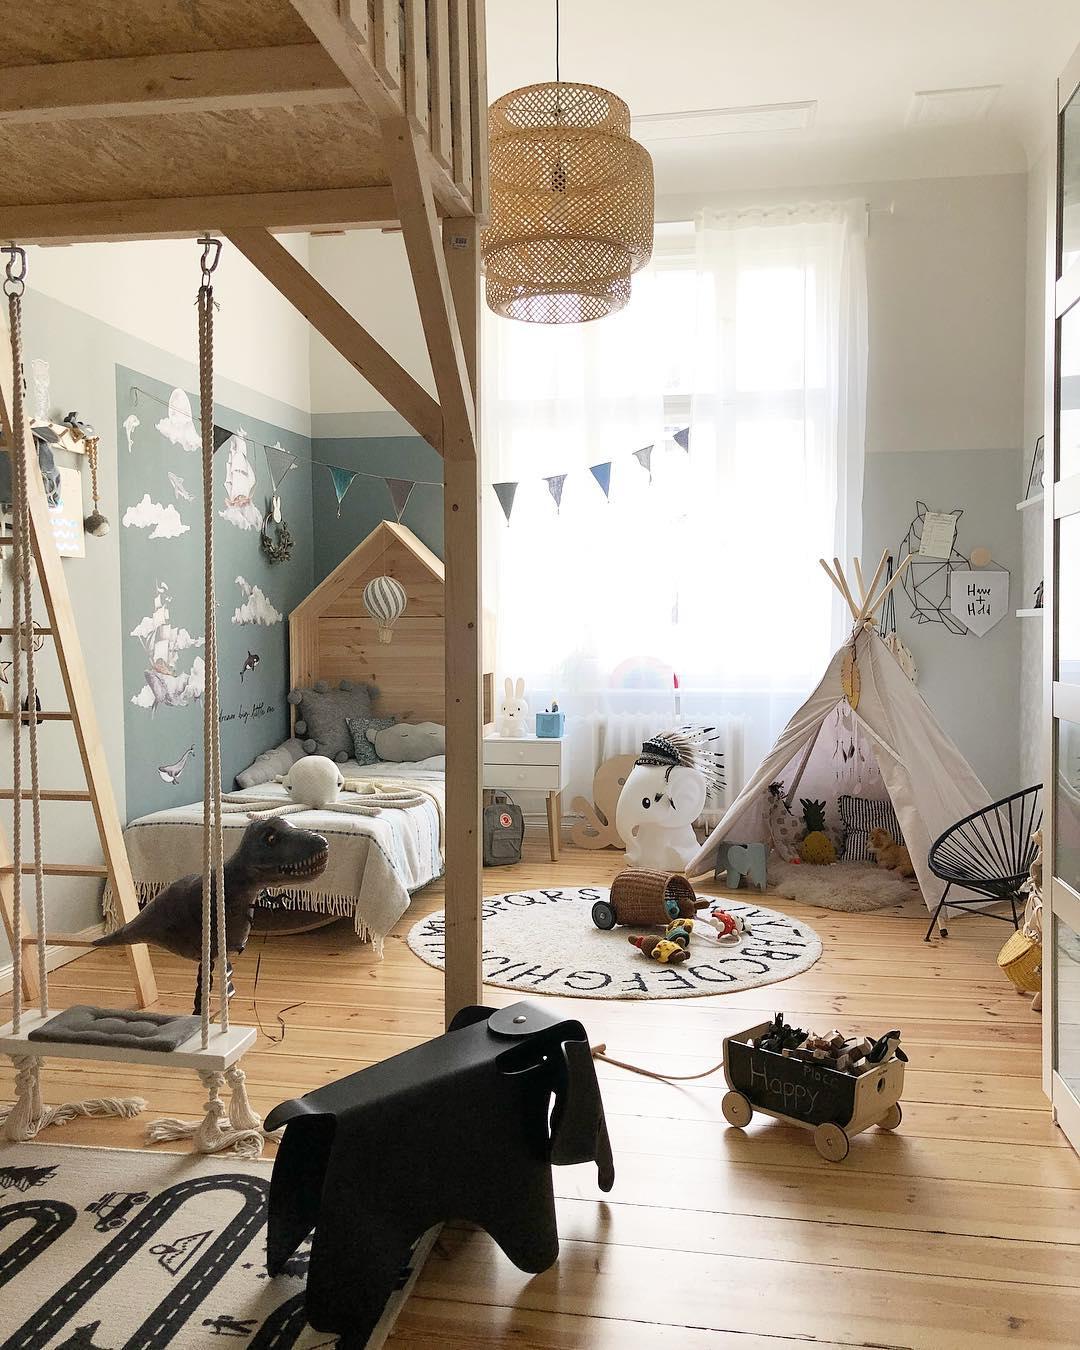 couleur pastel chambre enfant mezzanine lit cabane échelle bois balançoire intérieure tipi - blog déco - clem around the corner